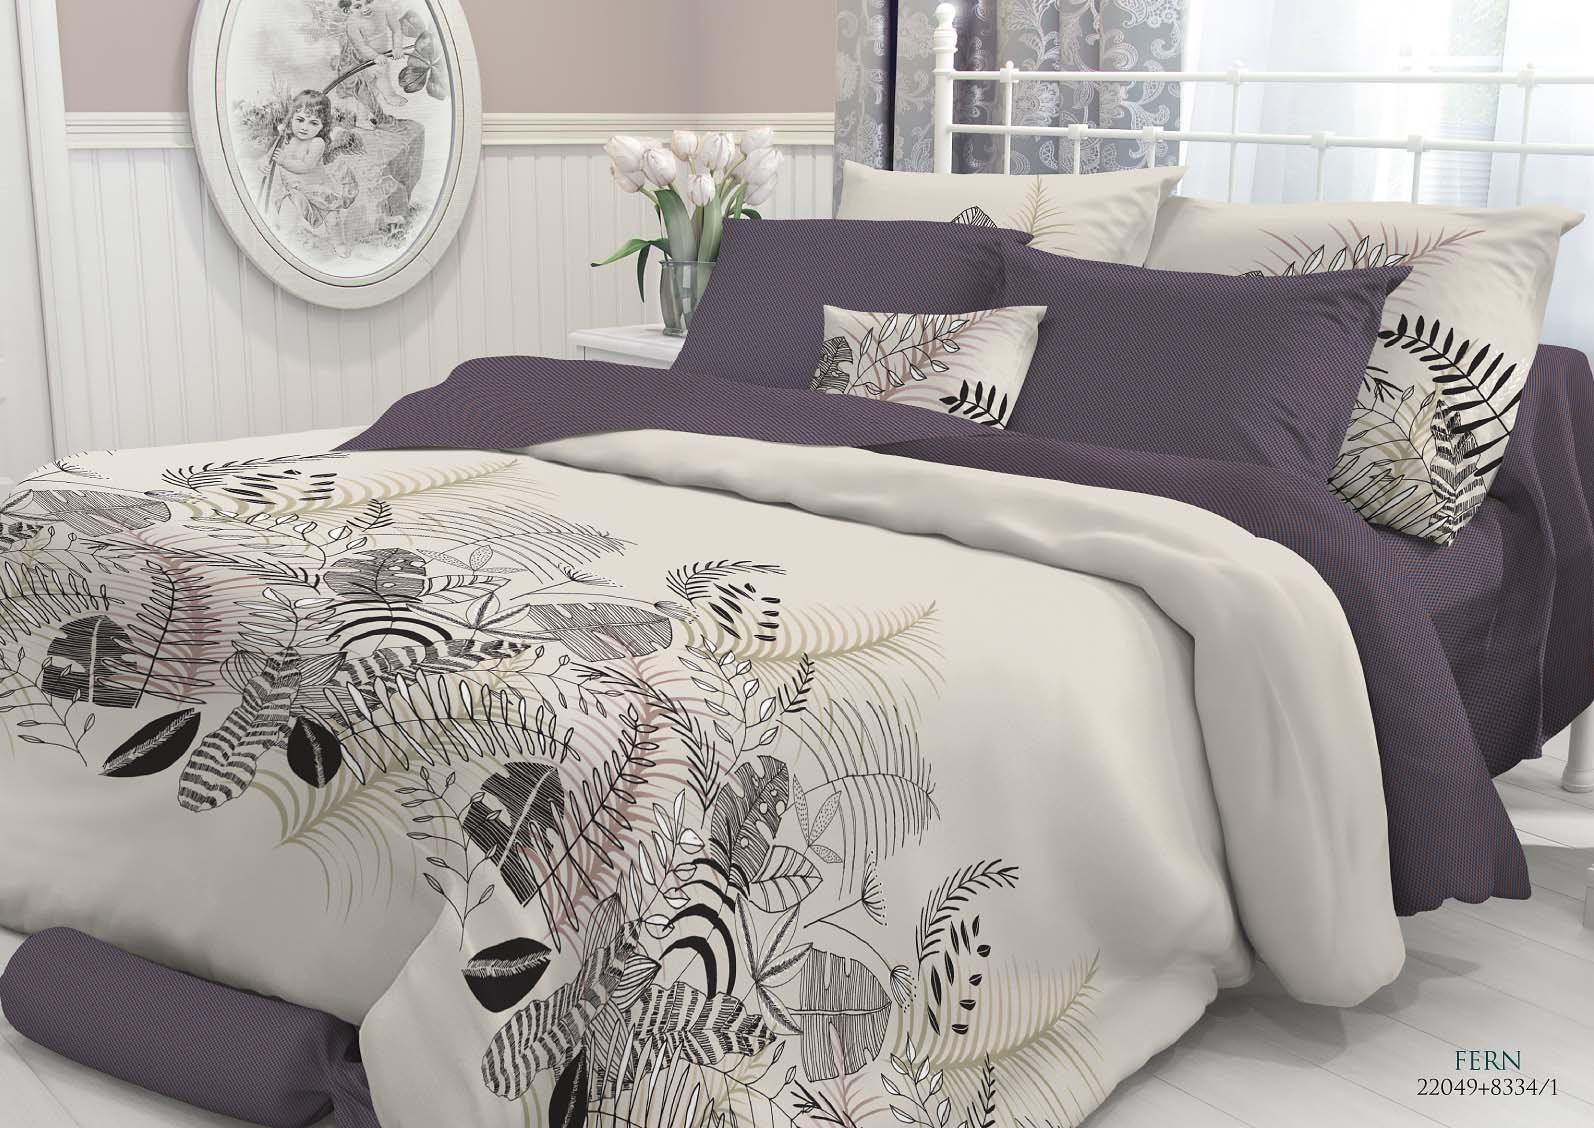 Фото - Комплект белья Verossa Fern, 2-спальный, наволочки 50x70 комплект белья verossa violet 1 5 спальный наволочки 50x70